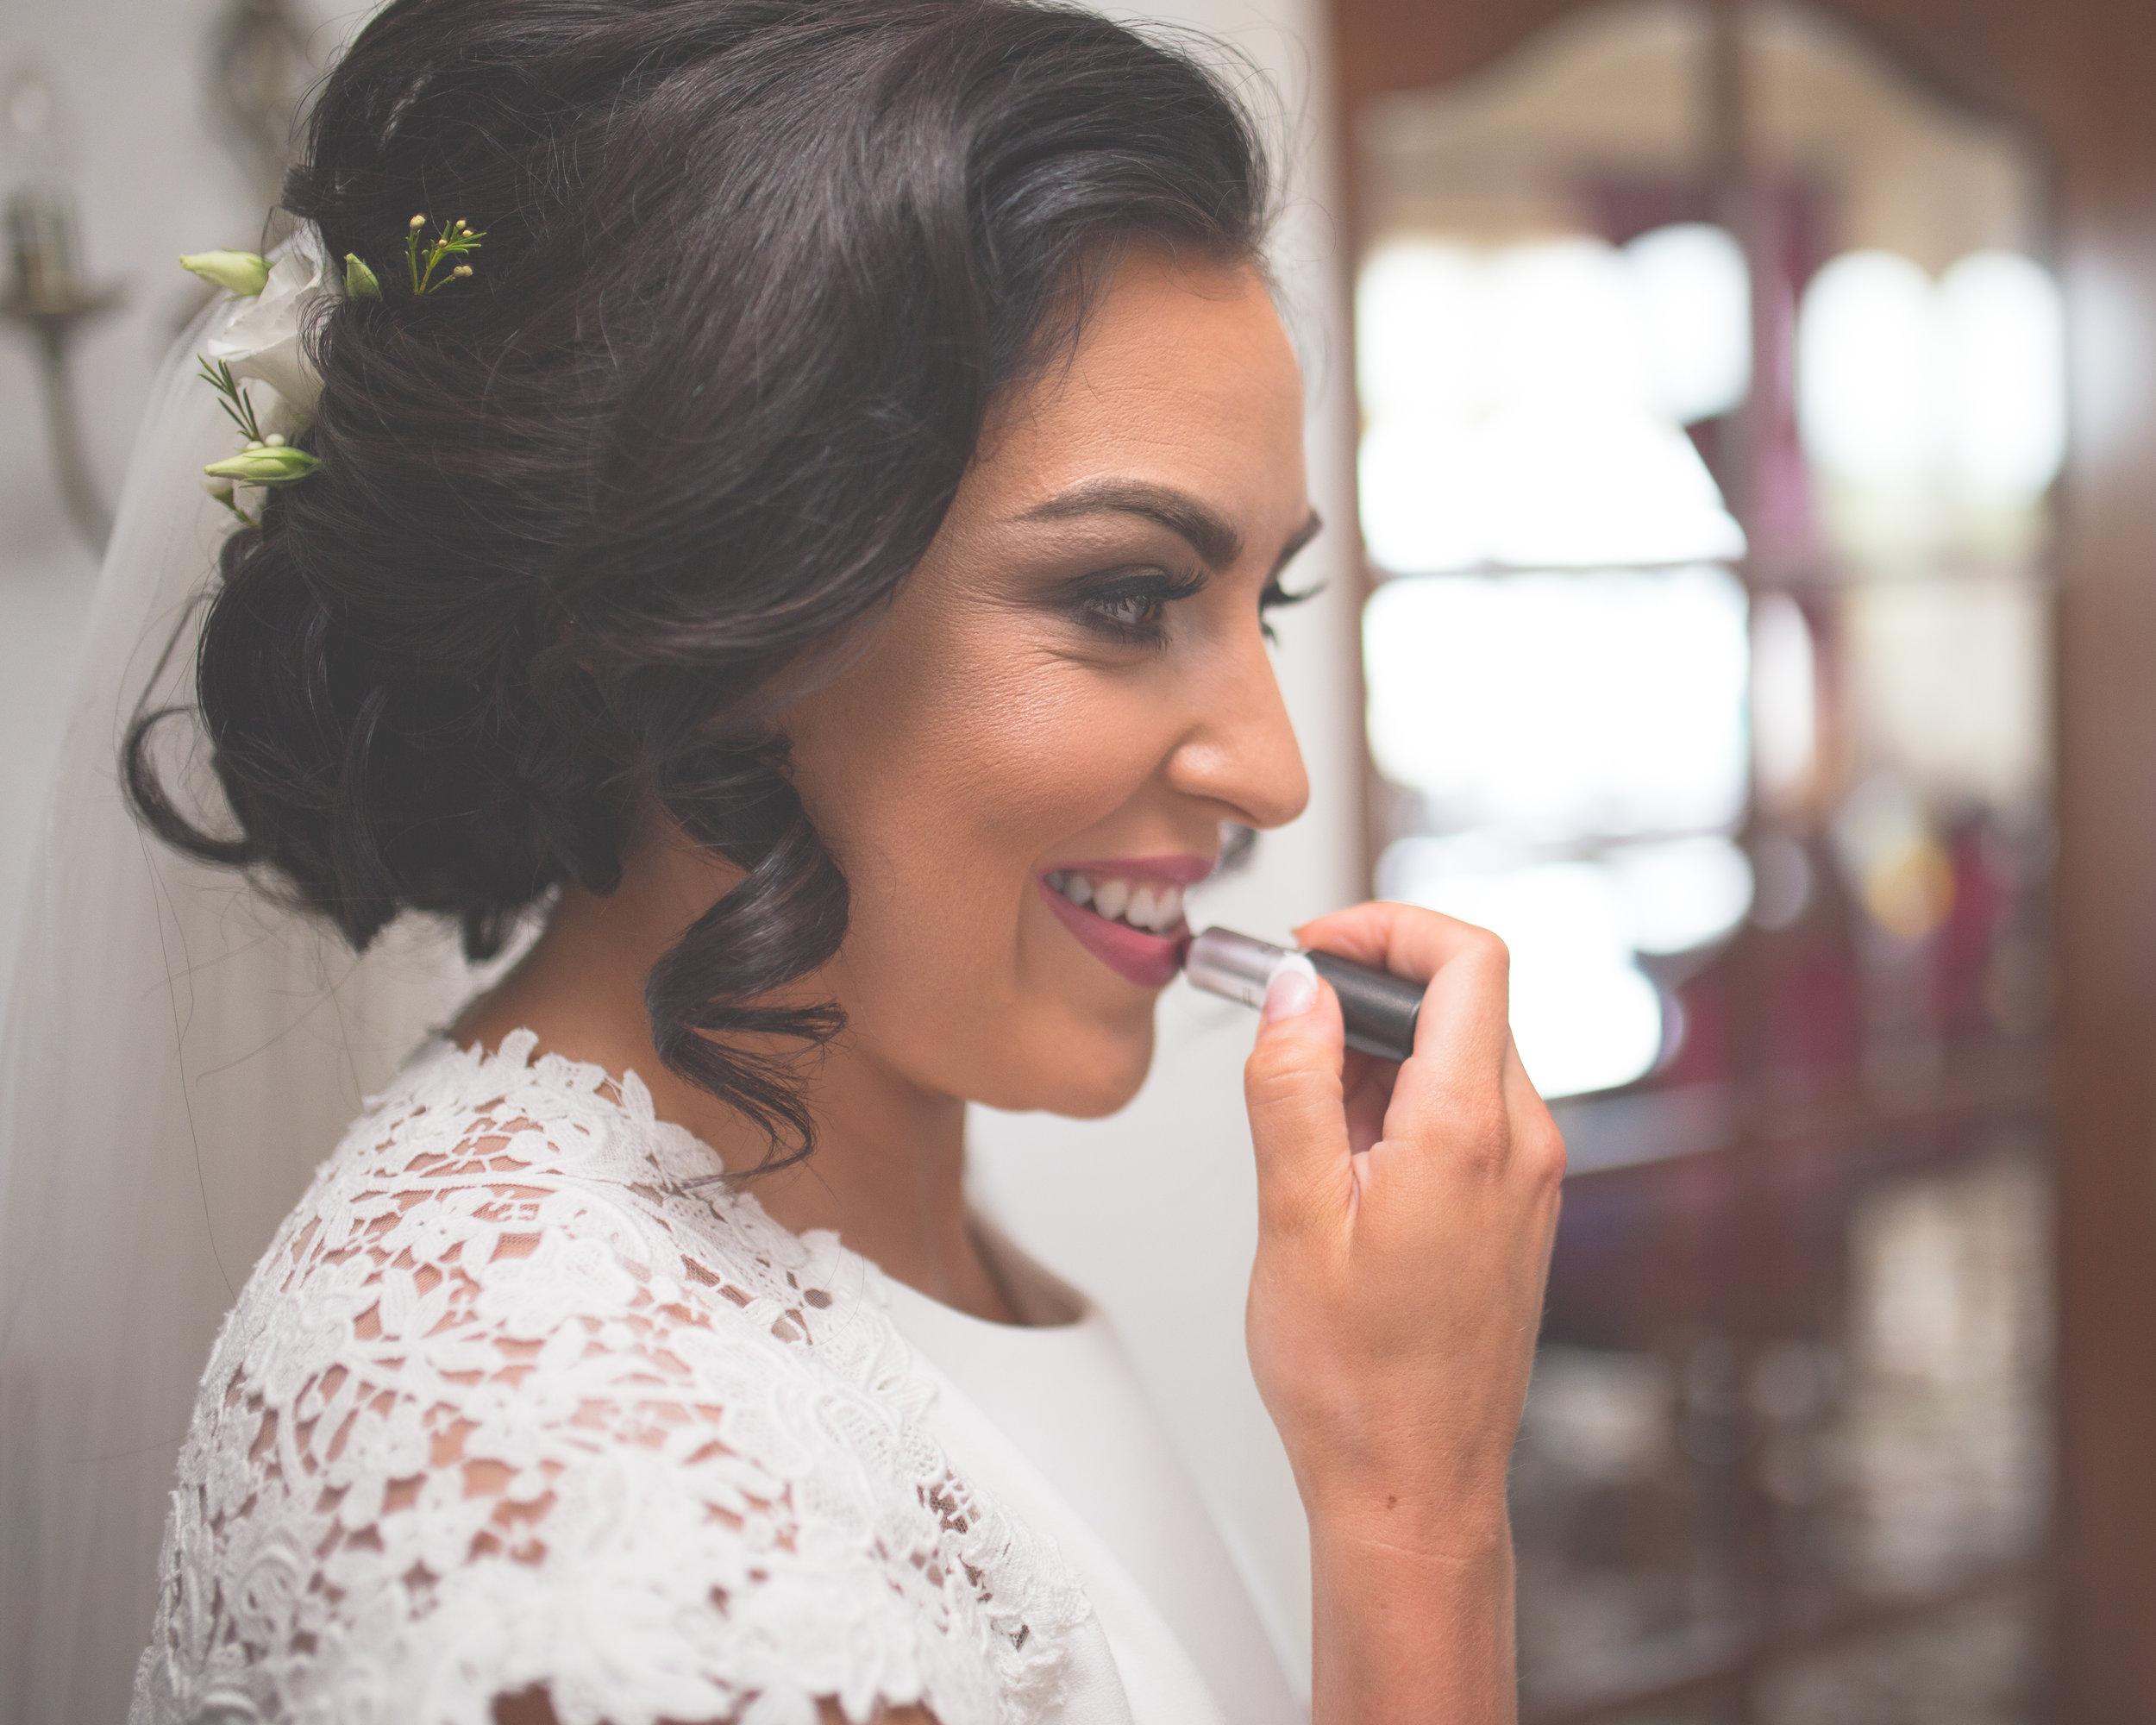 Brian McEwan Wedding Photography | Carol-Anne & Sean | Bridal Preparations-144.jpg